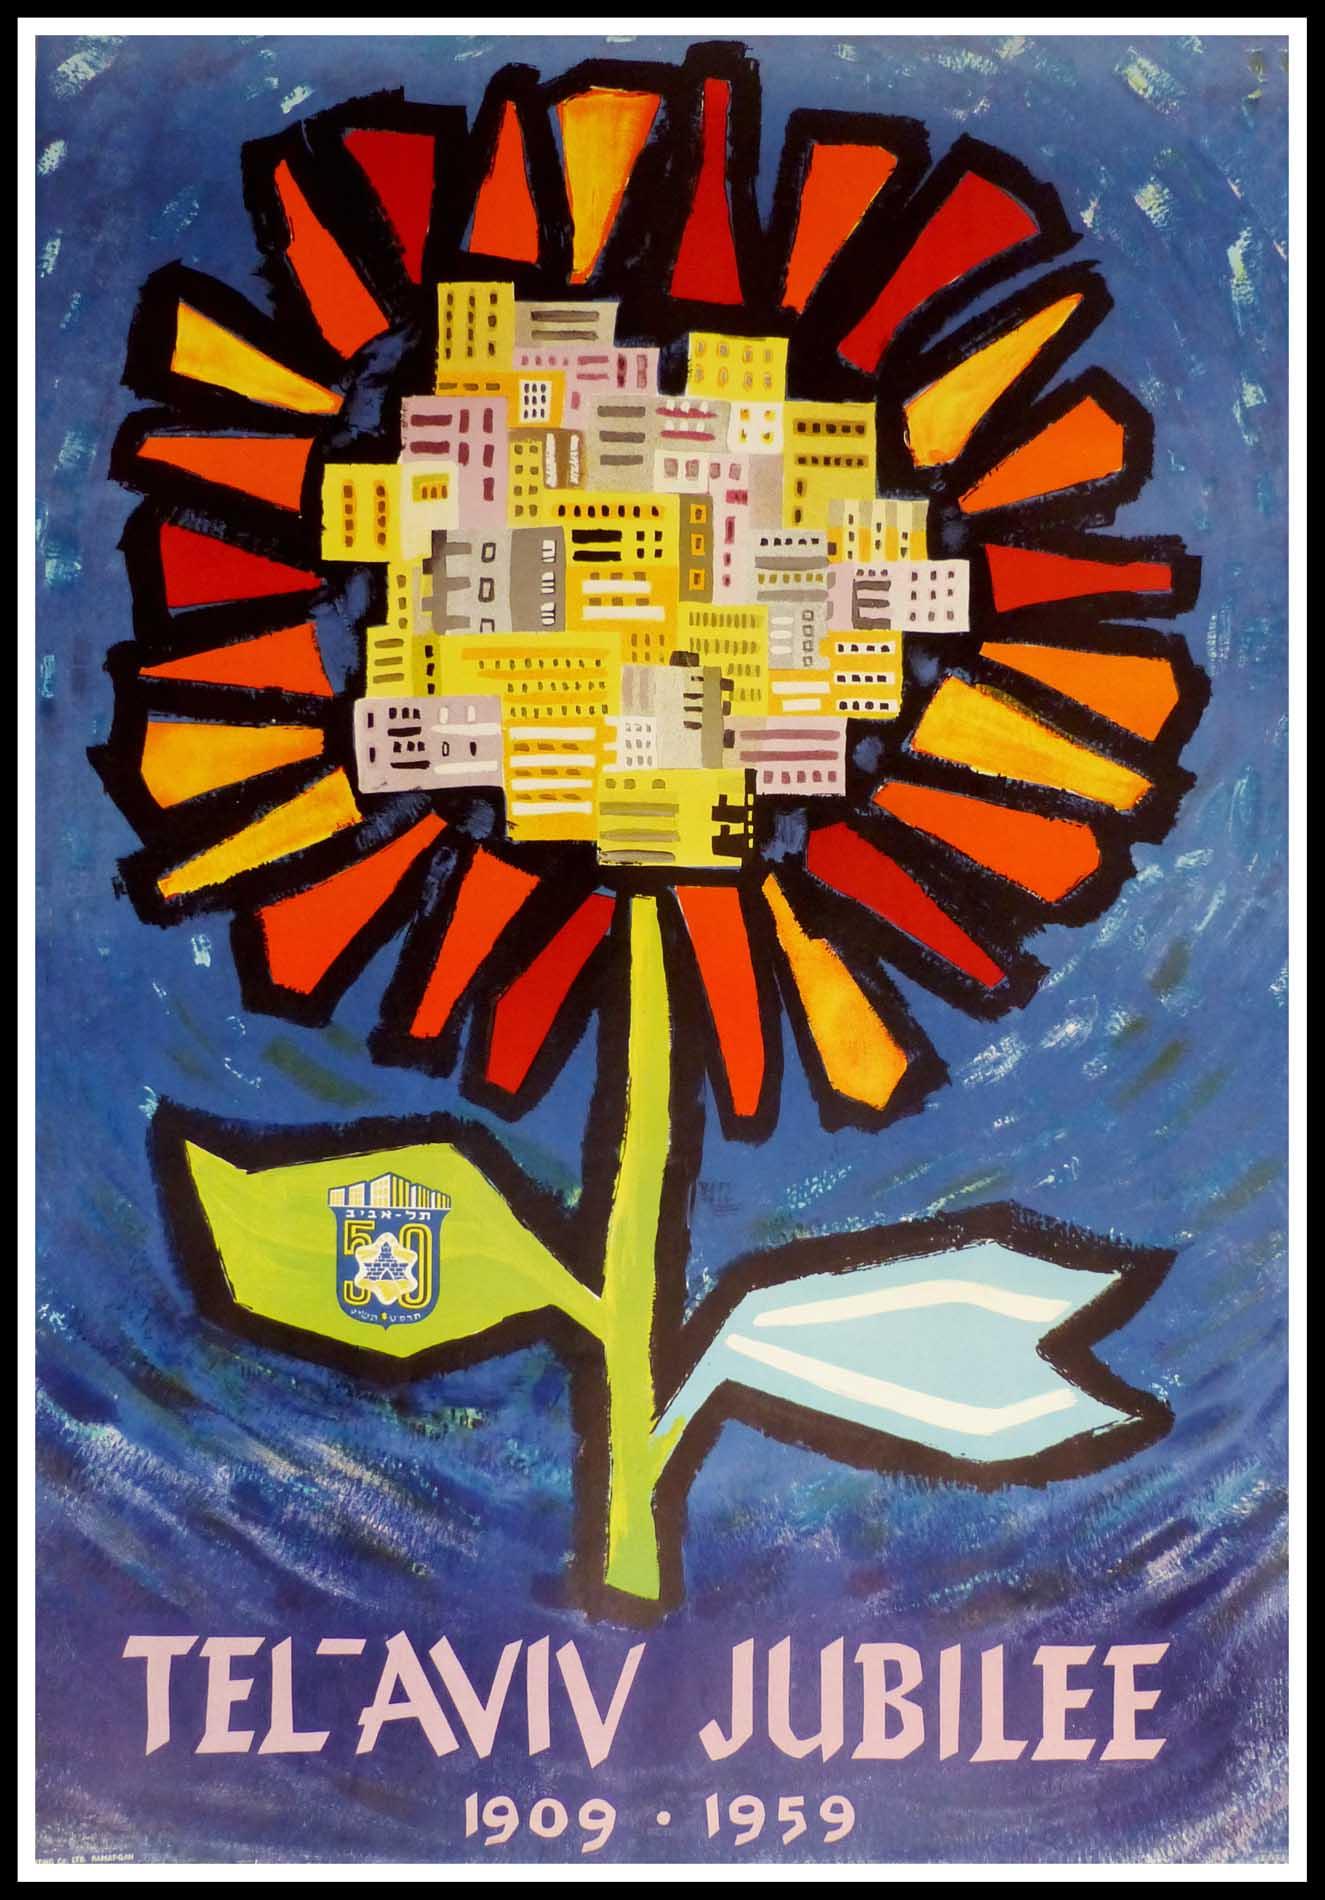 """(alt=""""Affiche ancienne originale de voyage Israël, TEL AVIV JUBILEE 1909-1959, signée dans la planche Gurwin, 1959"""")"""